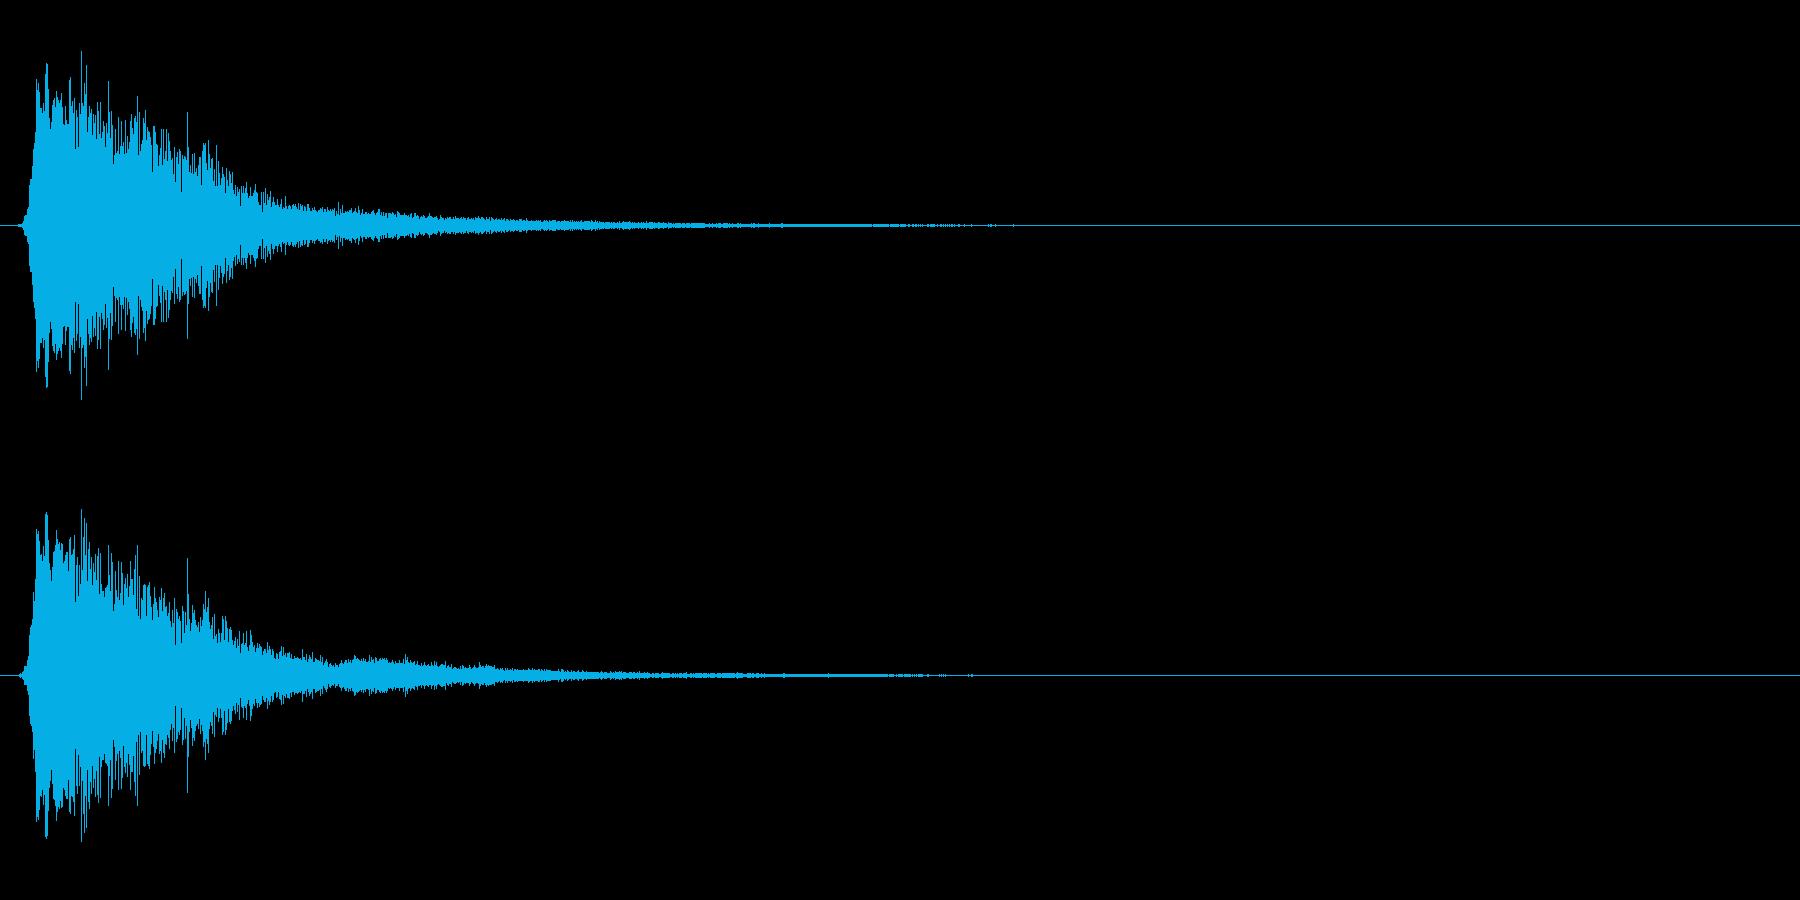 キラキラ系_009の再生済みの波形